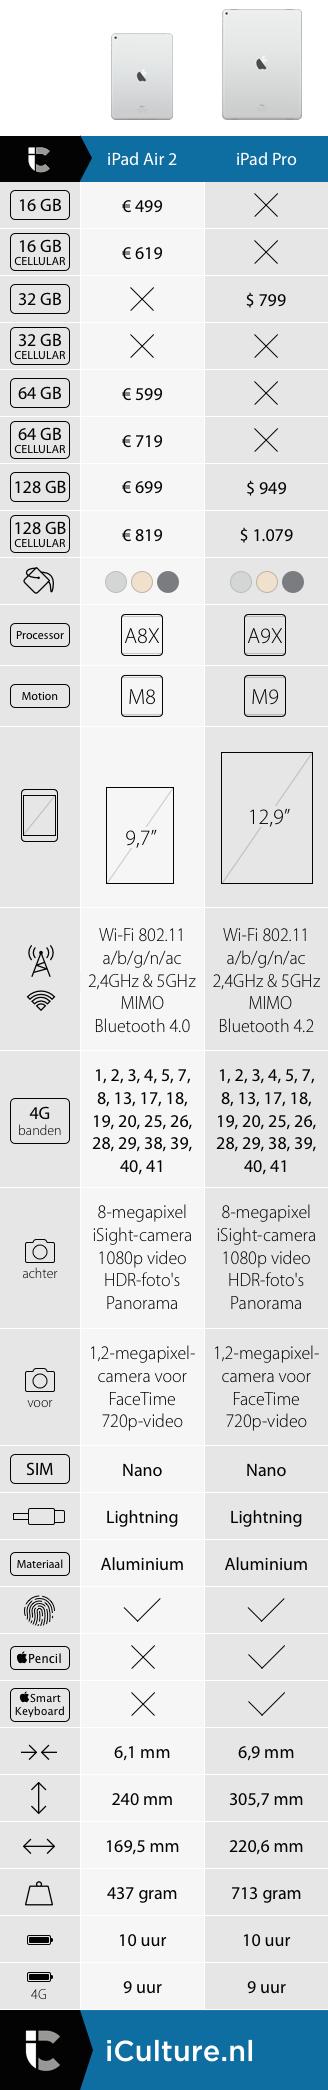 iPad Pro vergelijk